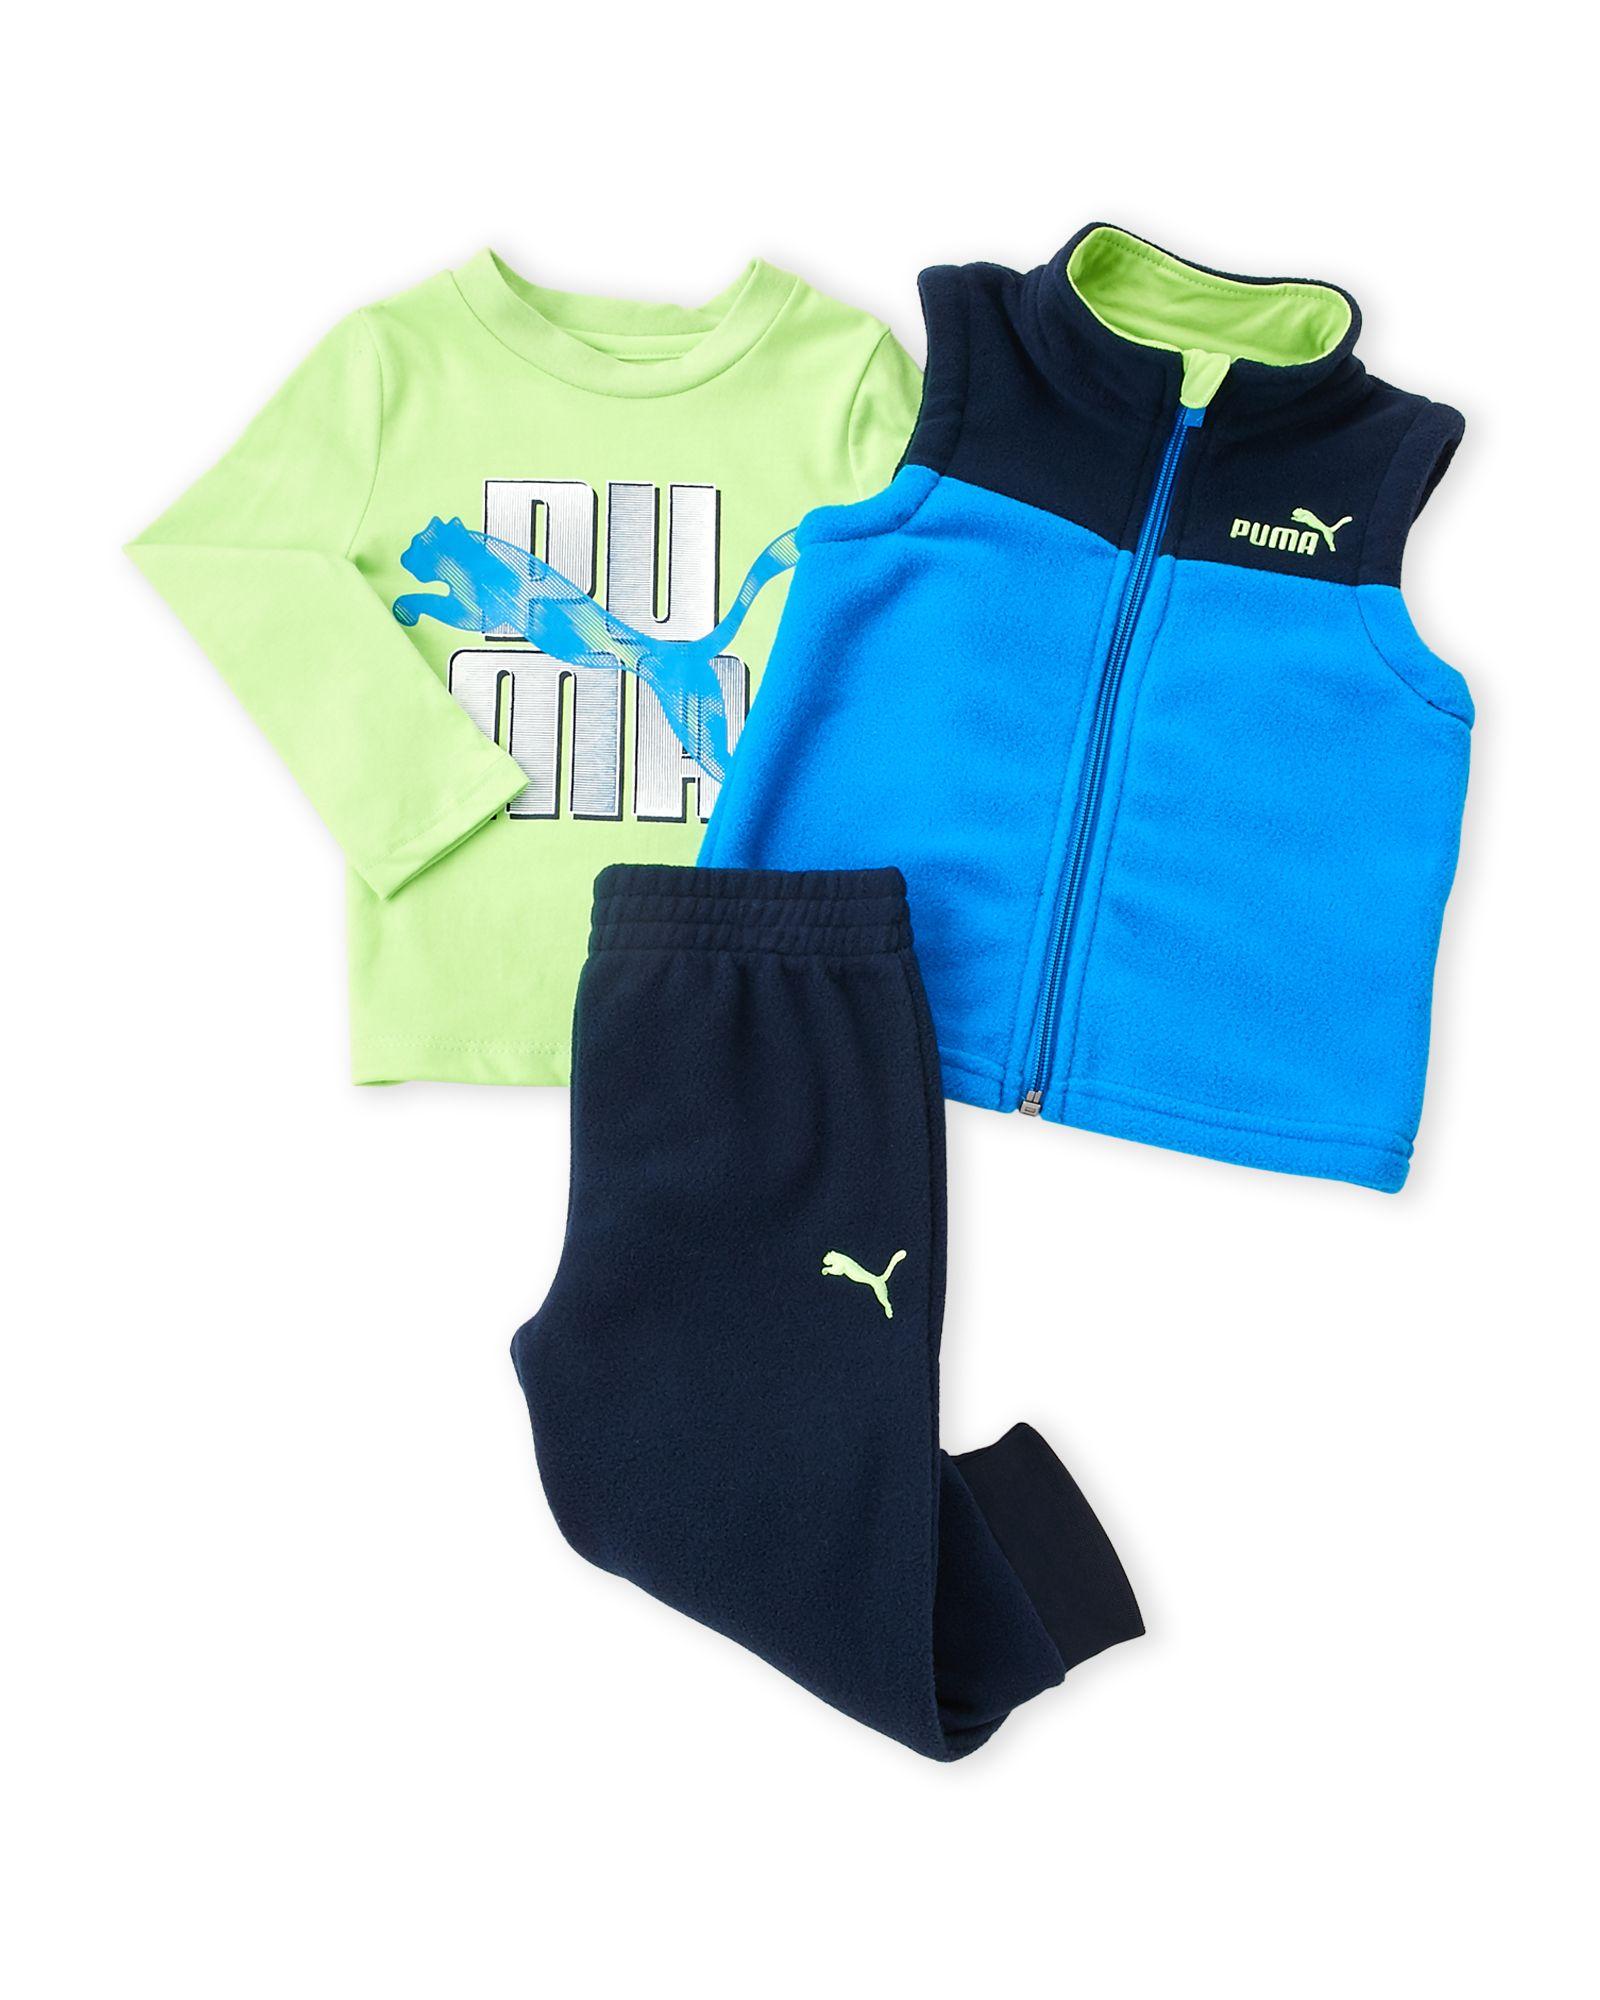 Puma Infant Boys 3 Piece Fleece Vest & Pants Set